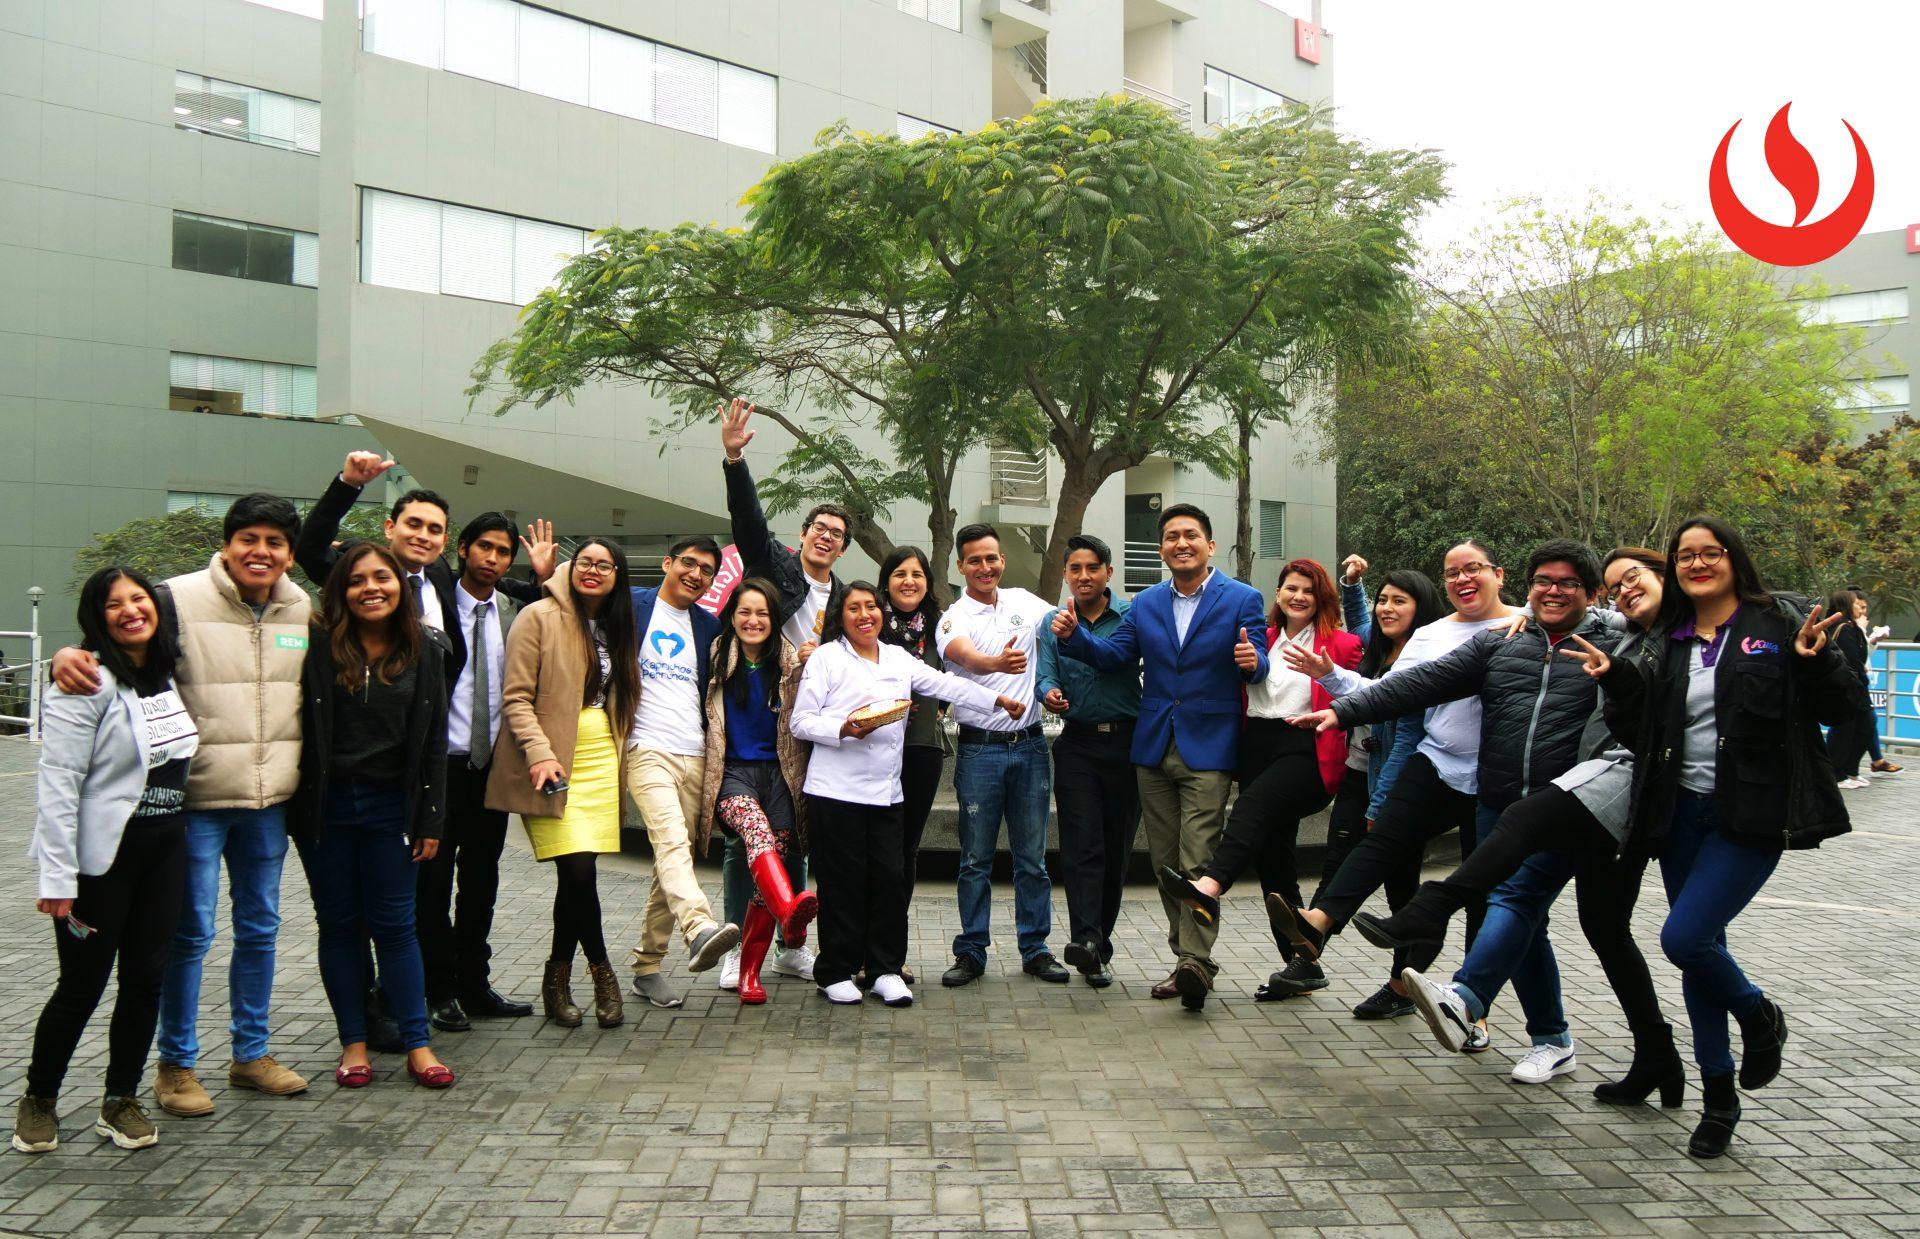 Retreat de finalistas de la 9na generación de Protagonistas del Cambio UPC